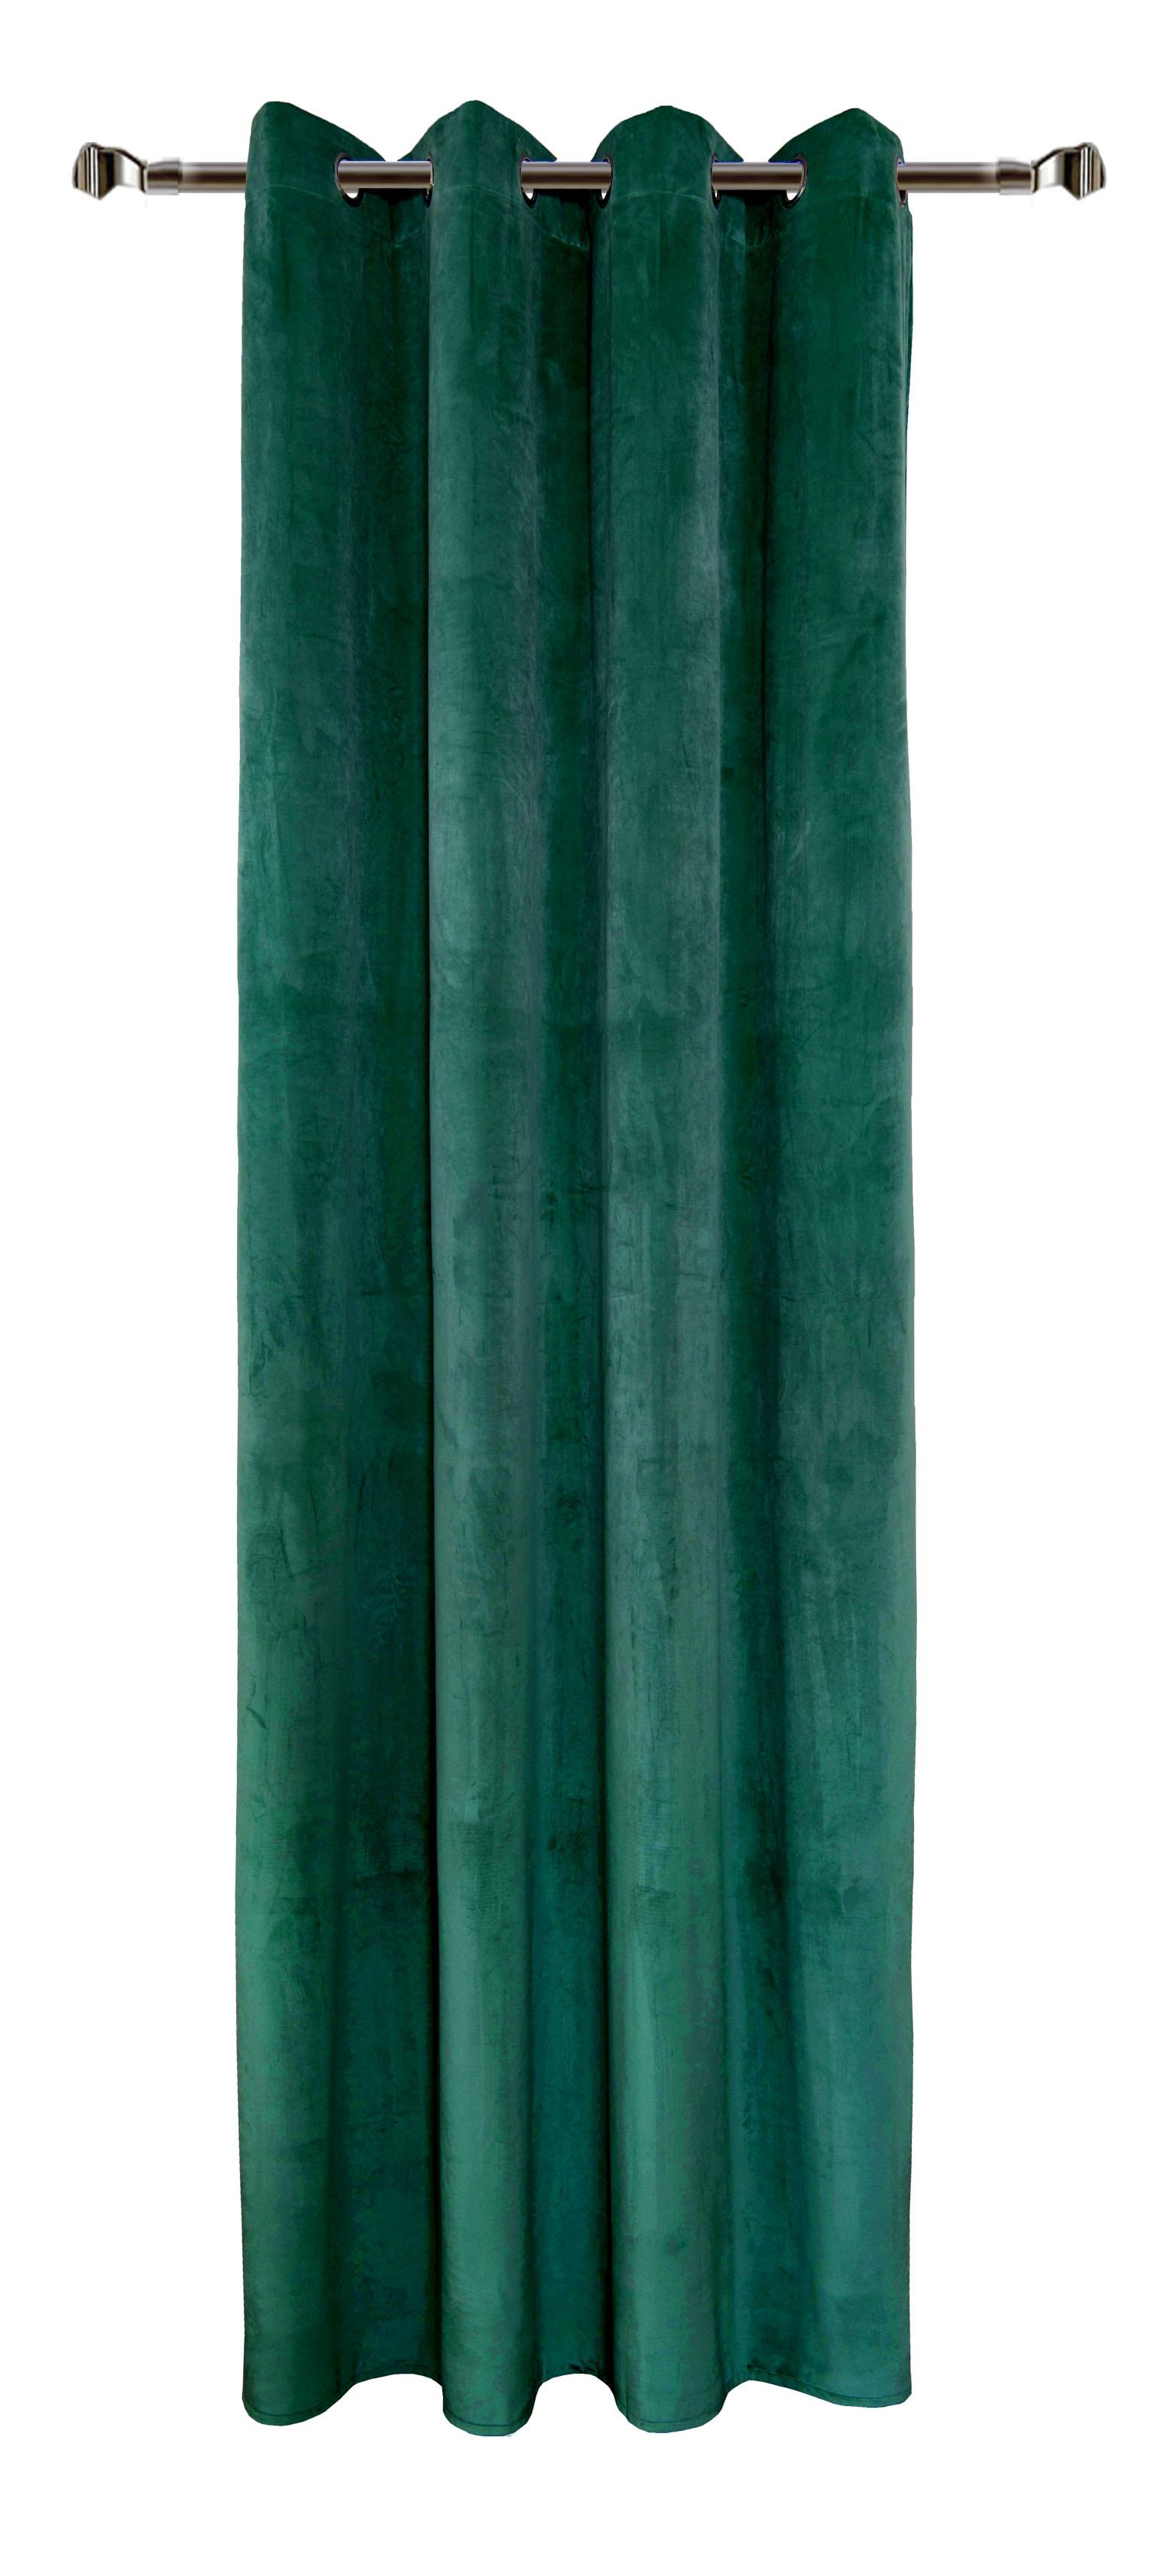 Draperie Home RM-MJ11-93 Dark Green 140 x 270 cm 1 bucata